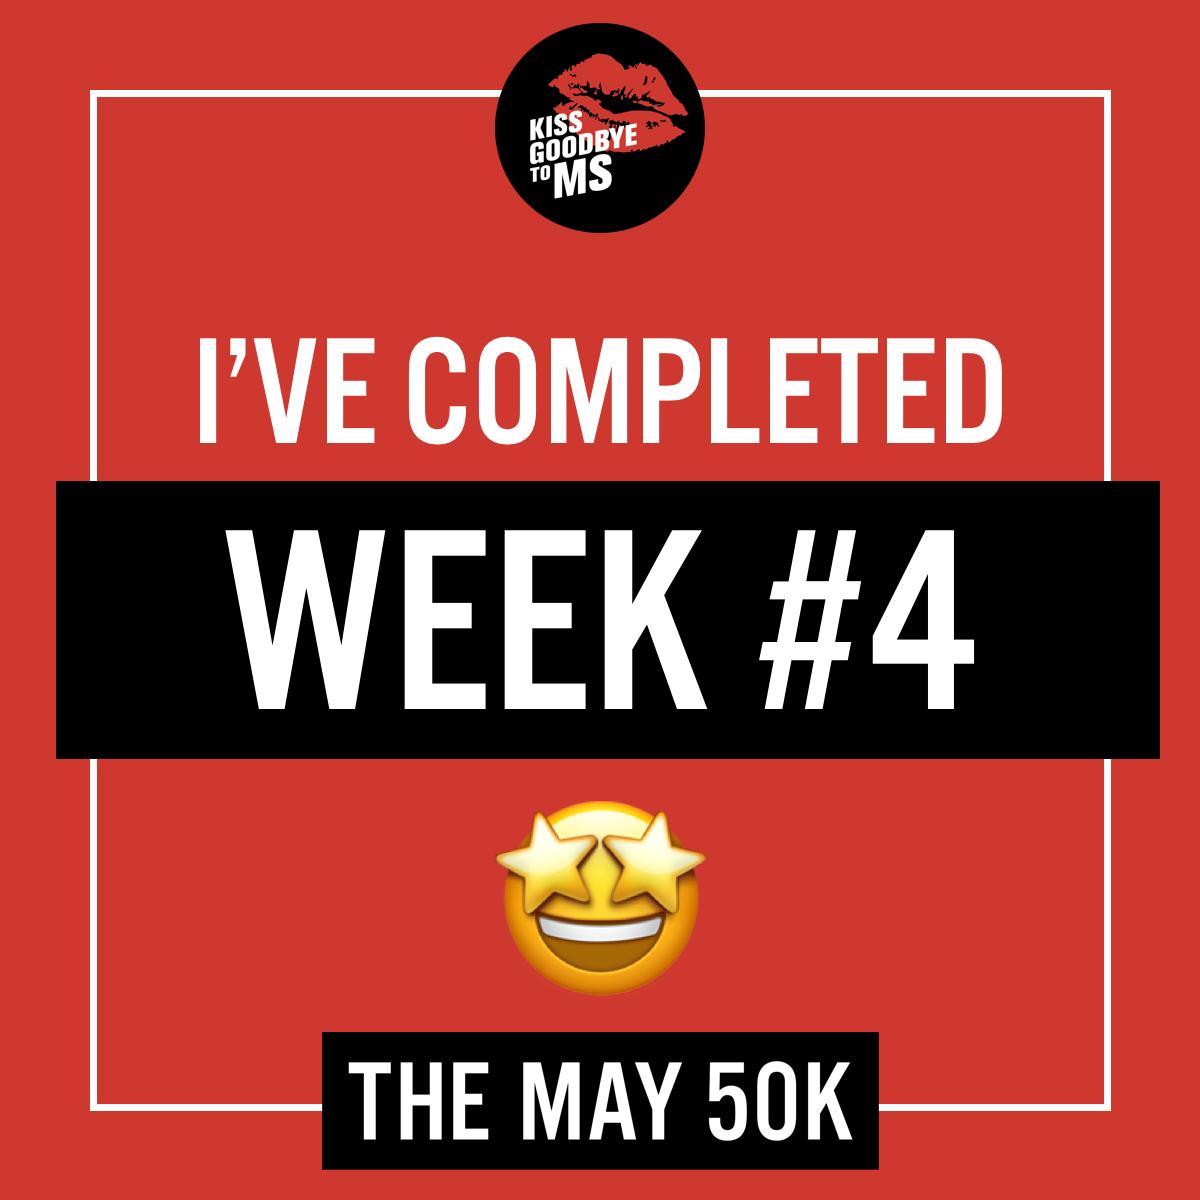 Social Post - Week 4